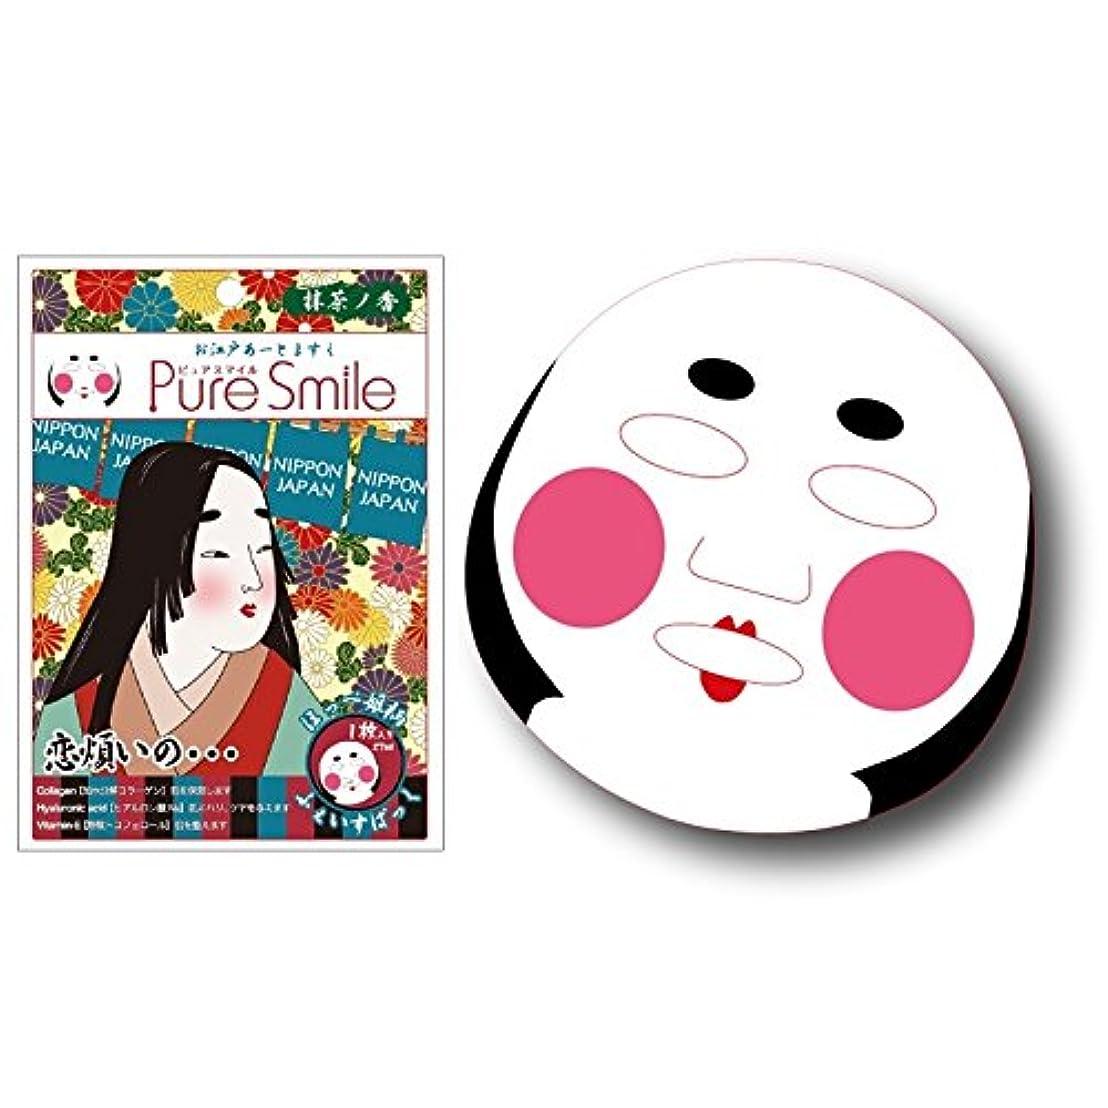 のみ旋回スロープPure Smile お江戸アートマスク (ほっぺ姫)